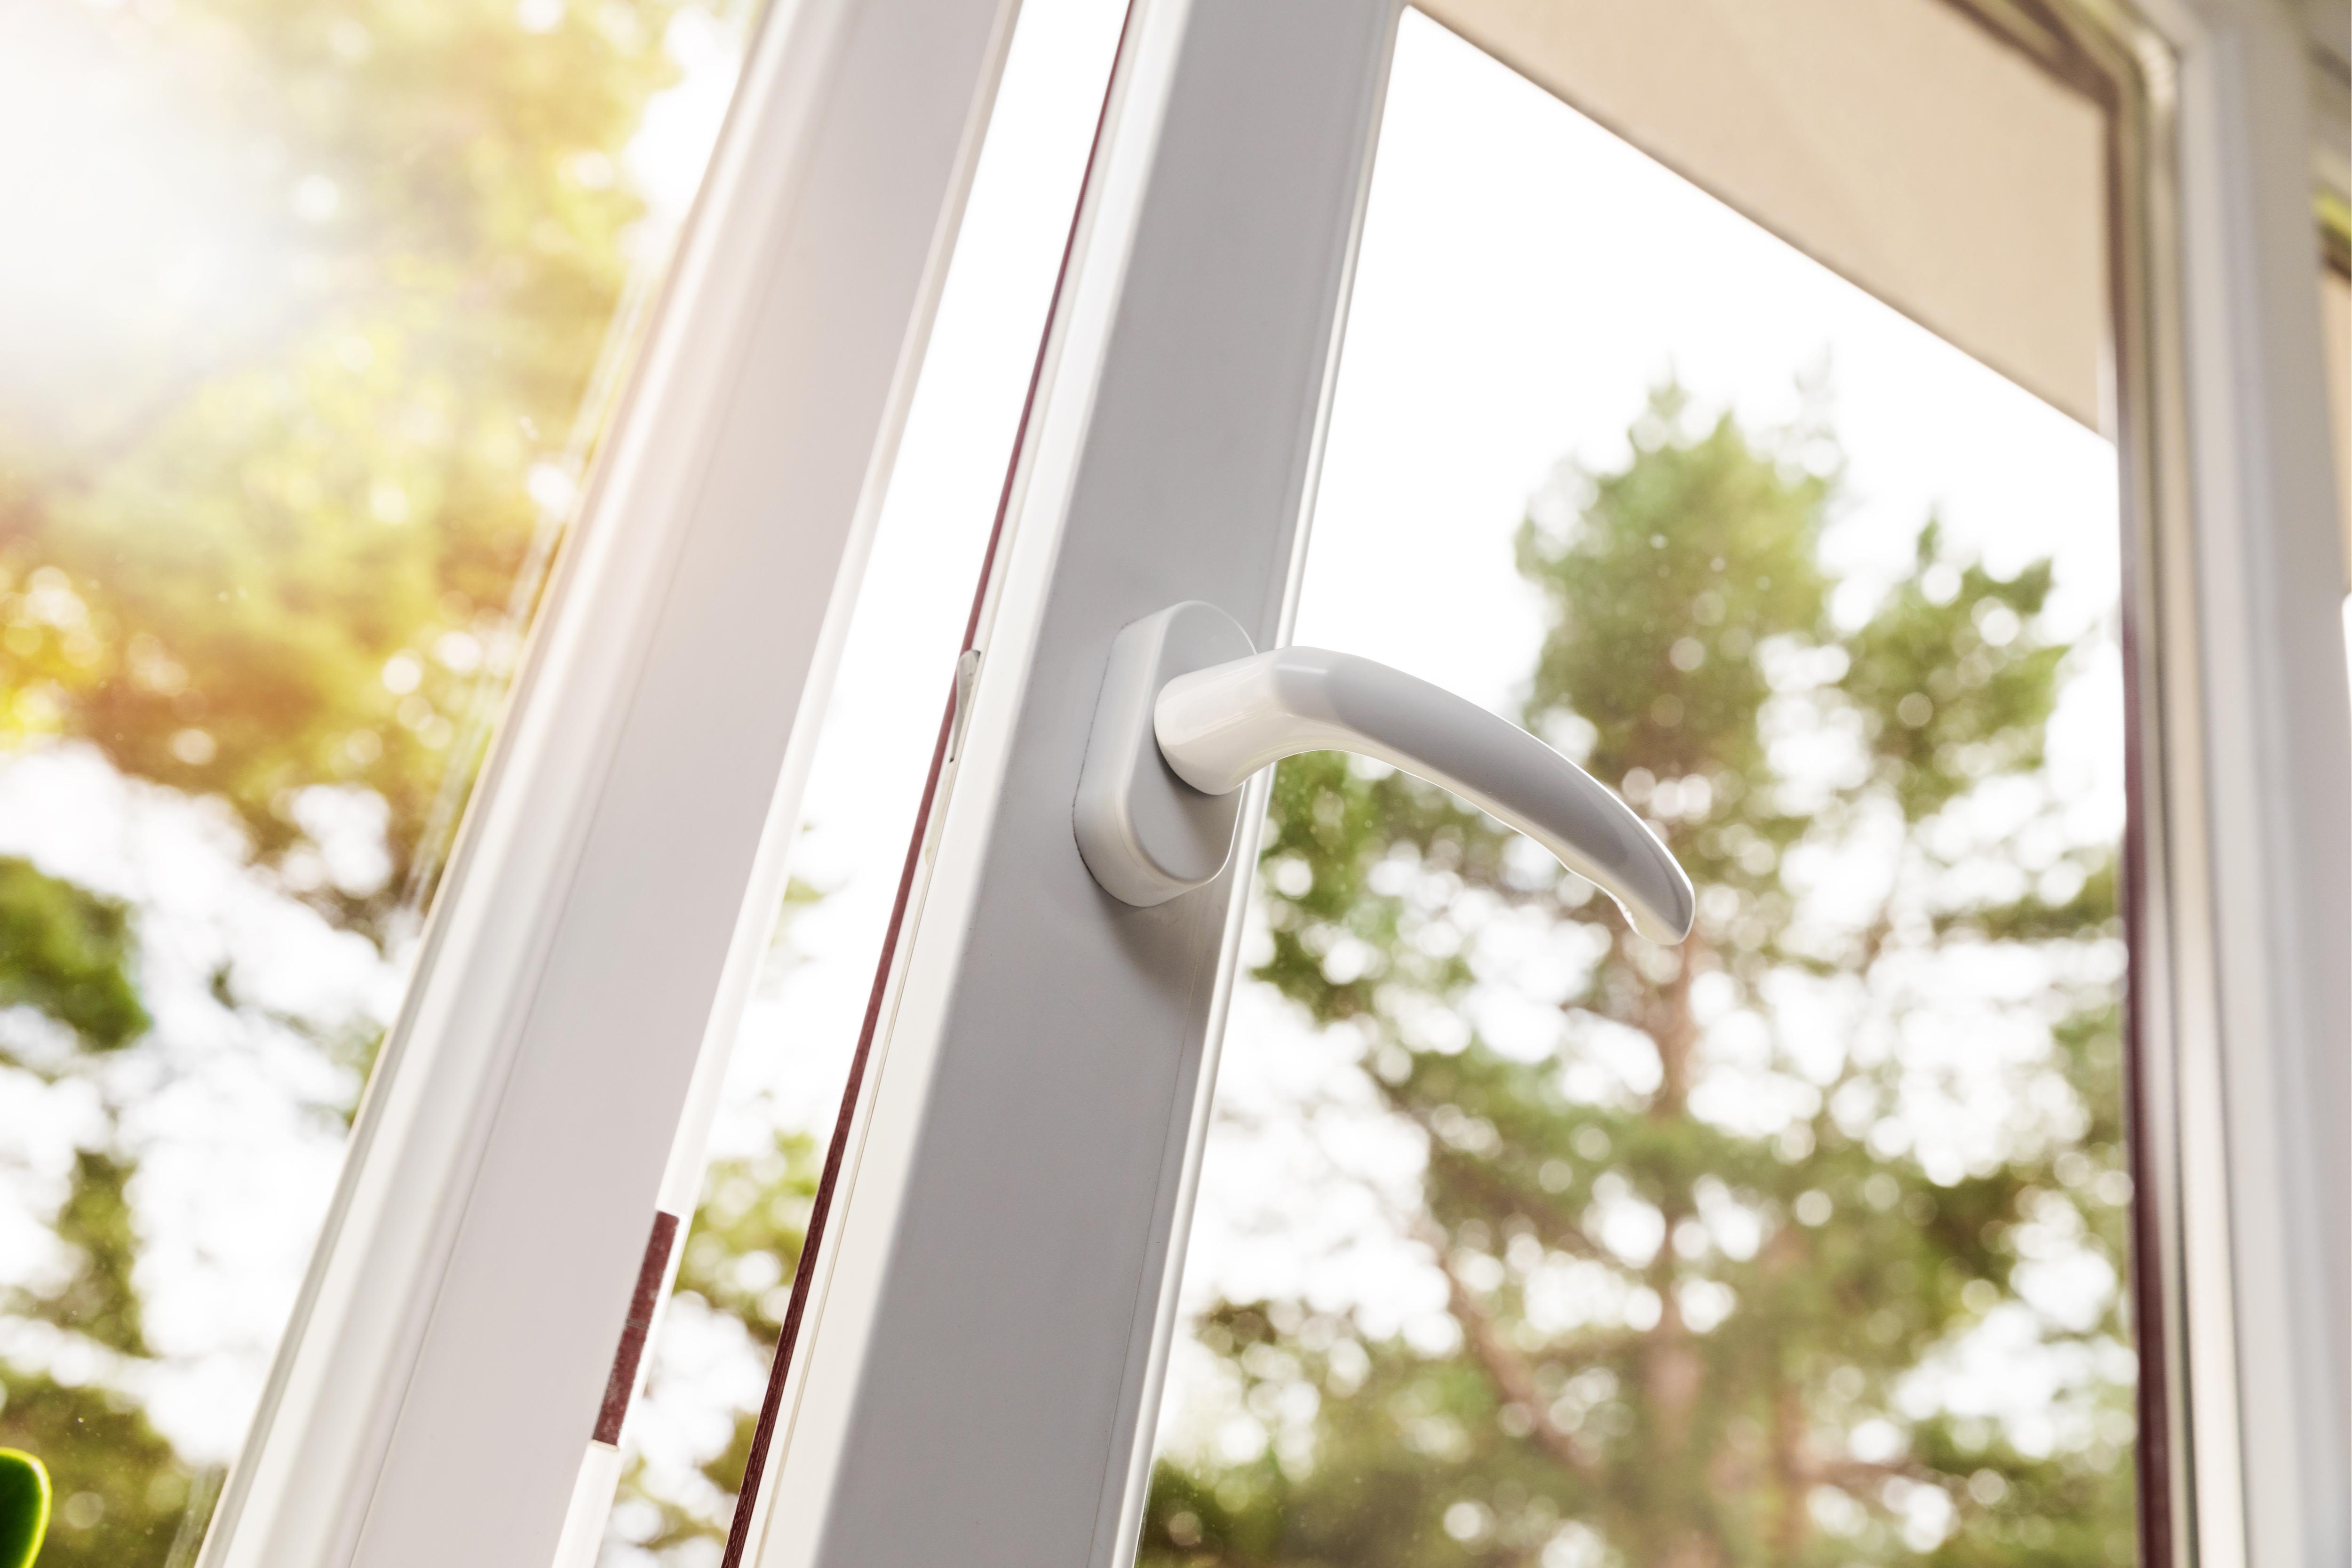 Fenstergriffe einbruchsicher machen - Das sagt Stiftung Warentest dazu